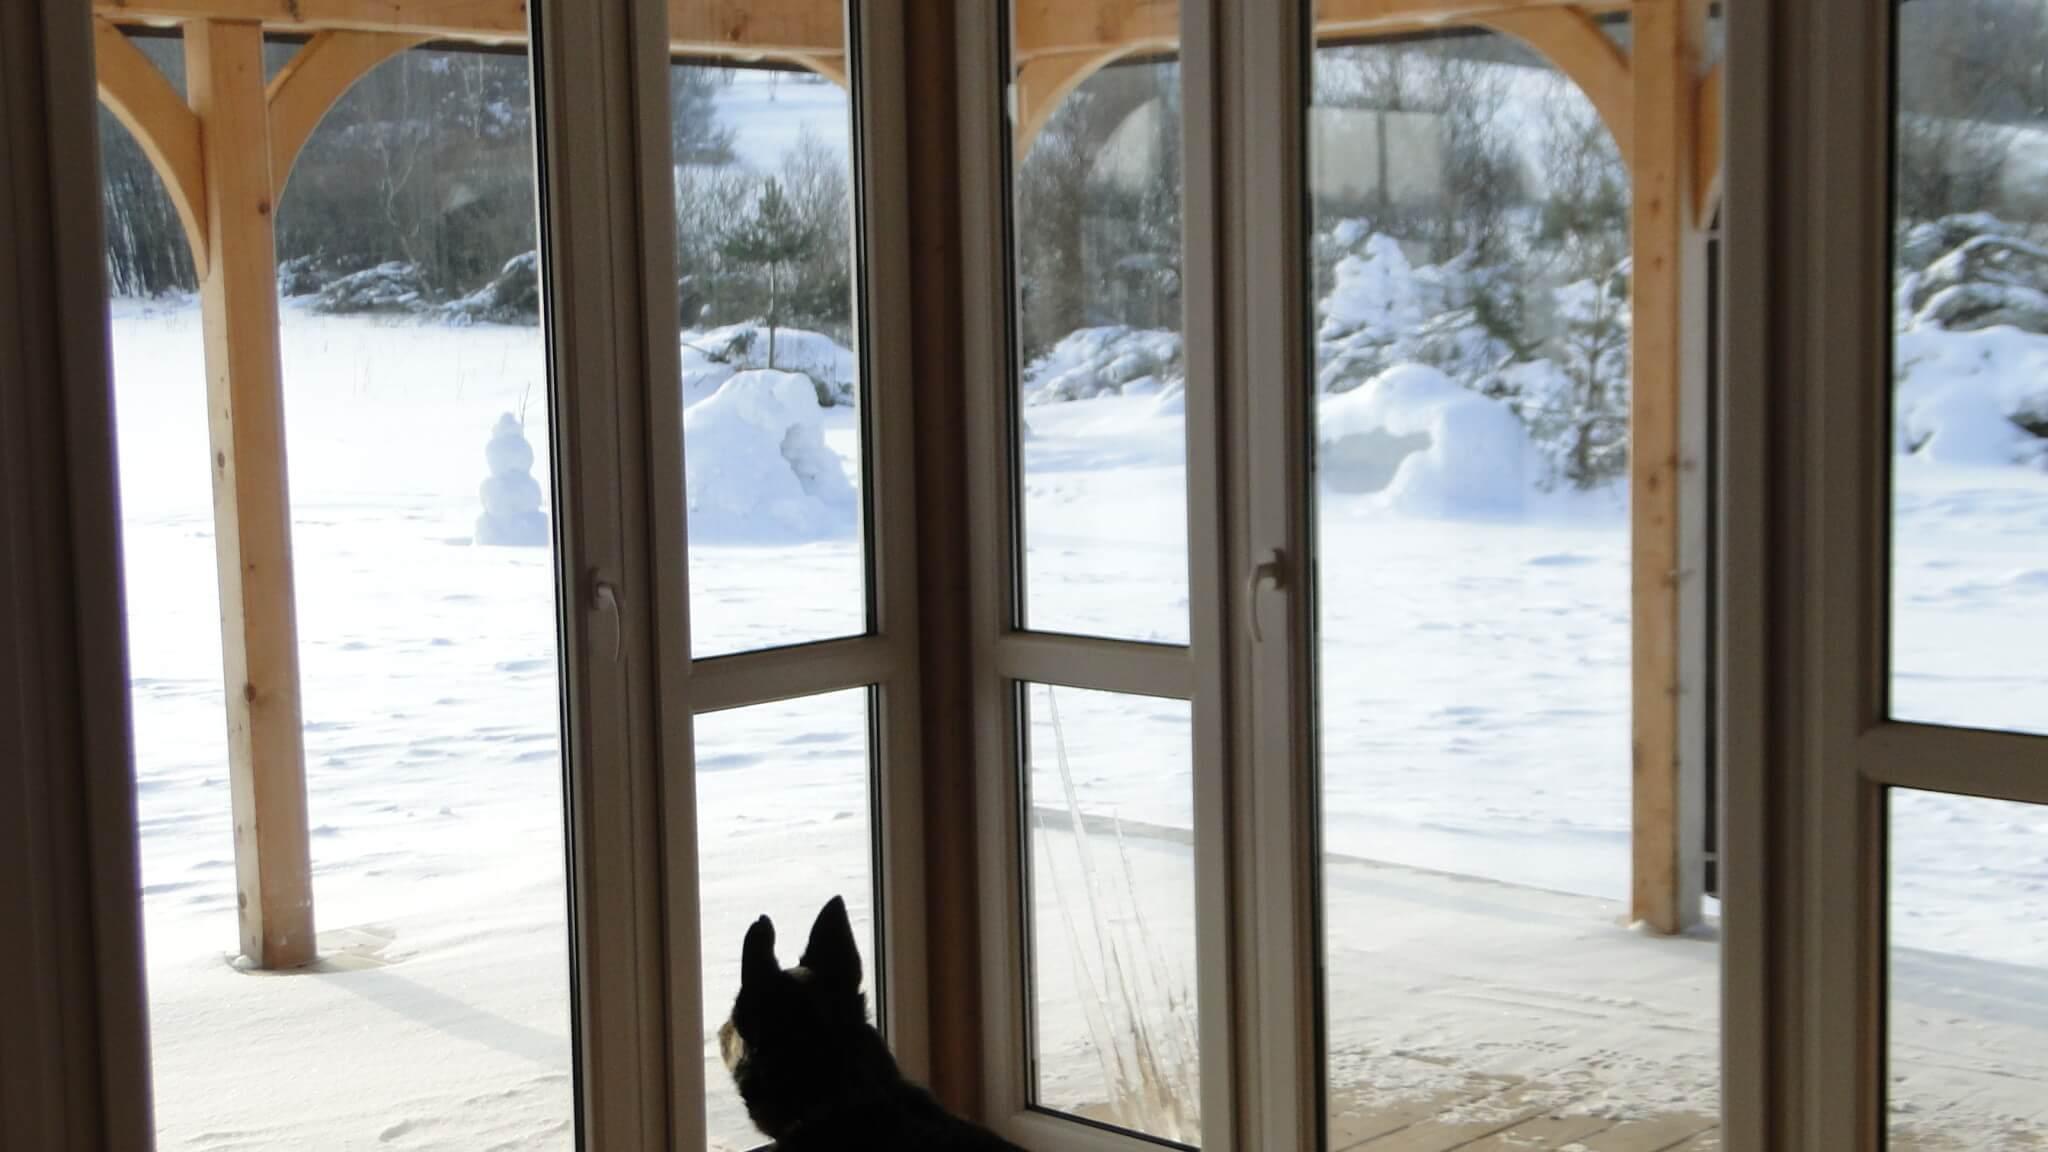 Lutowa zima - śnieżna imroźna 26